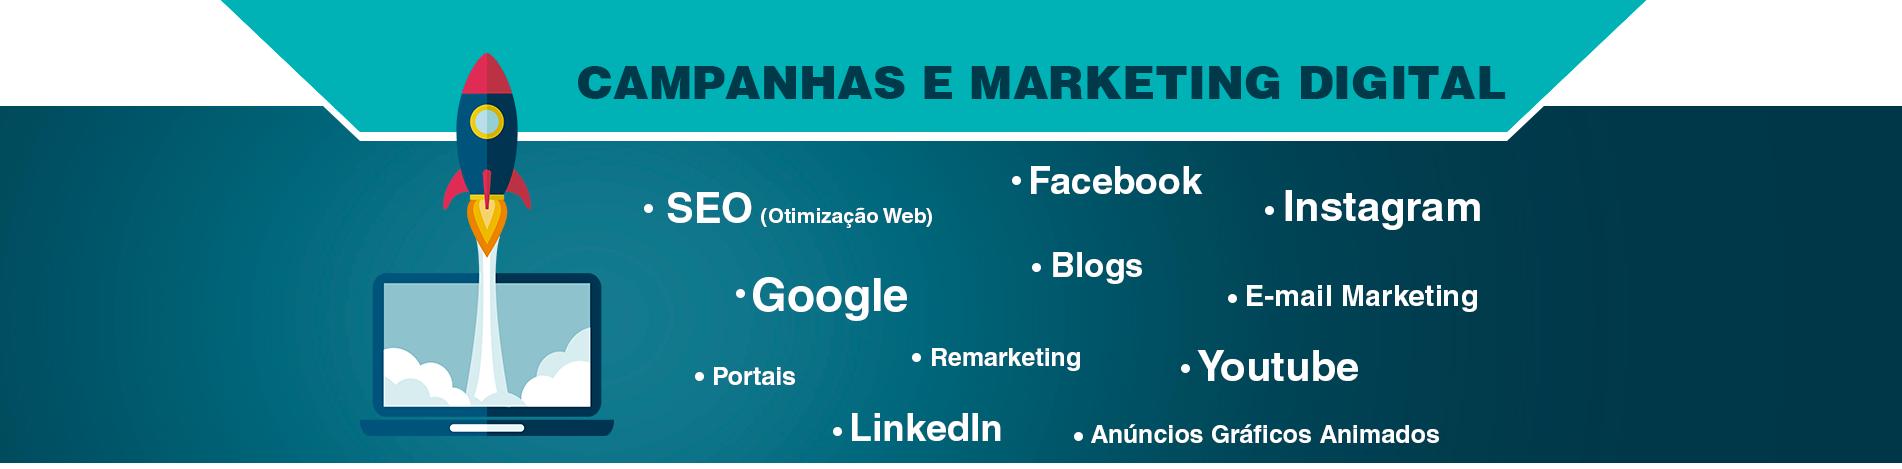 (c) Koinecomunicacao.com.br